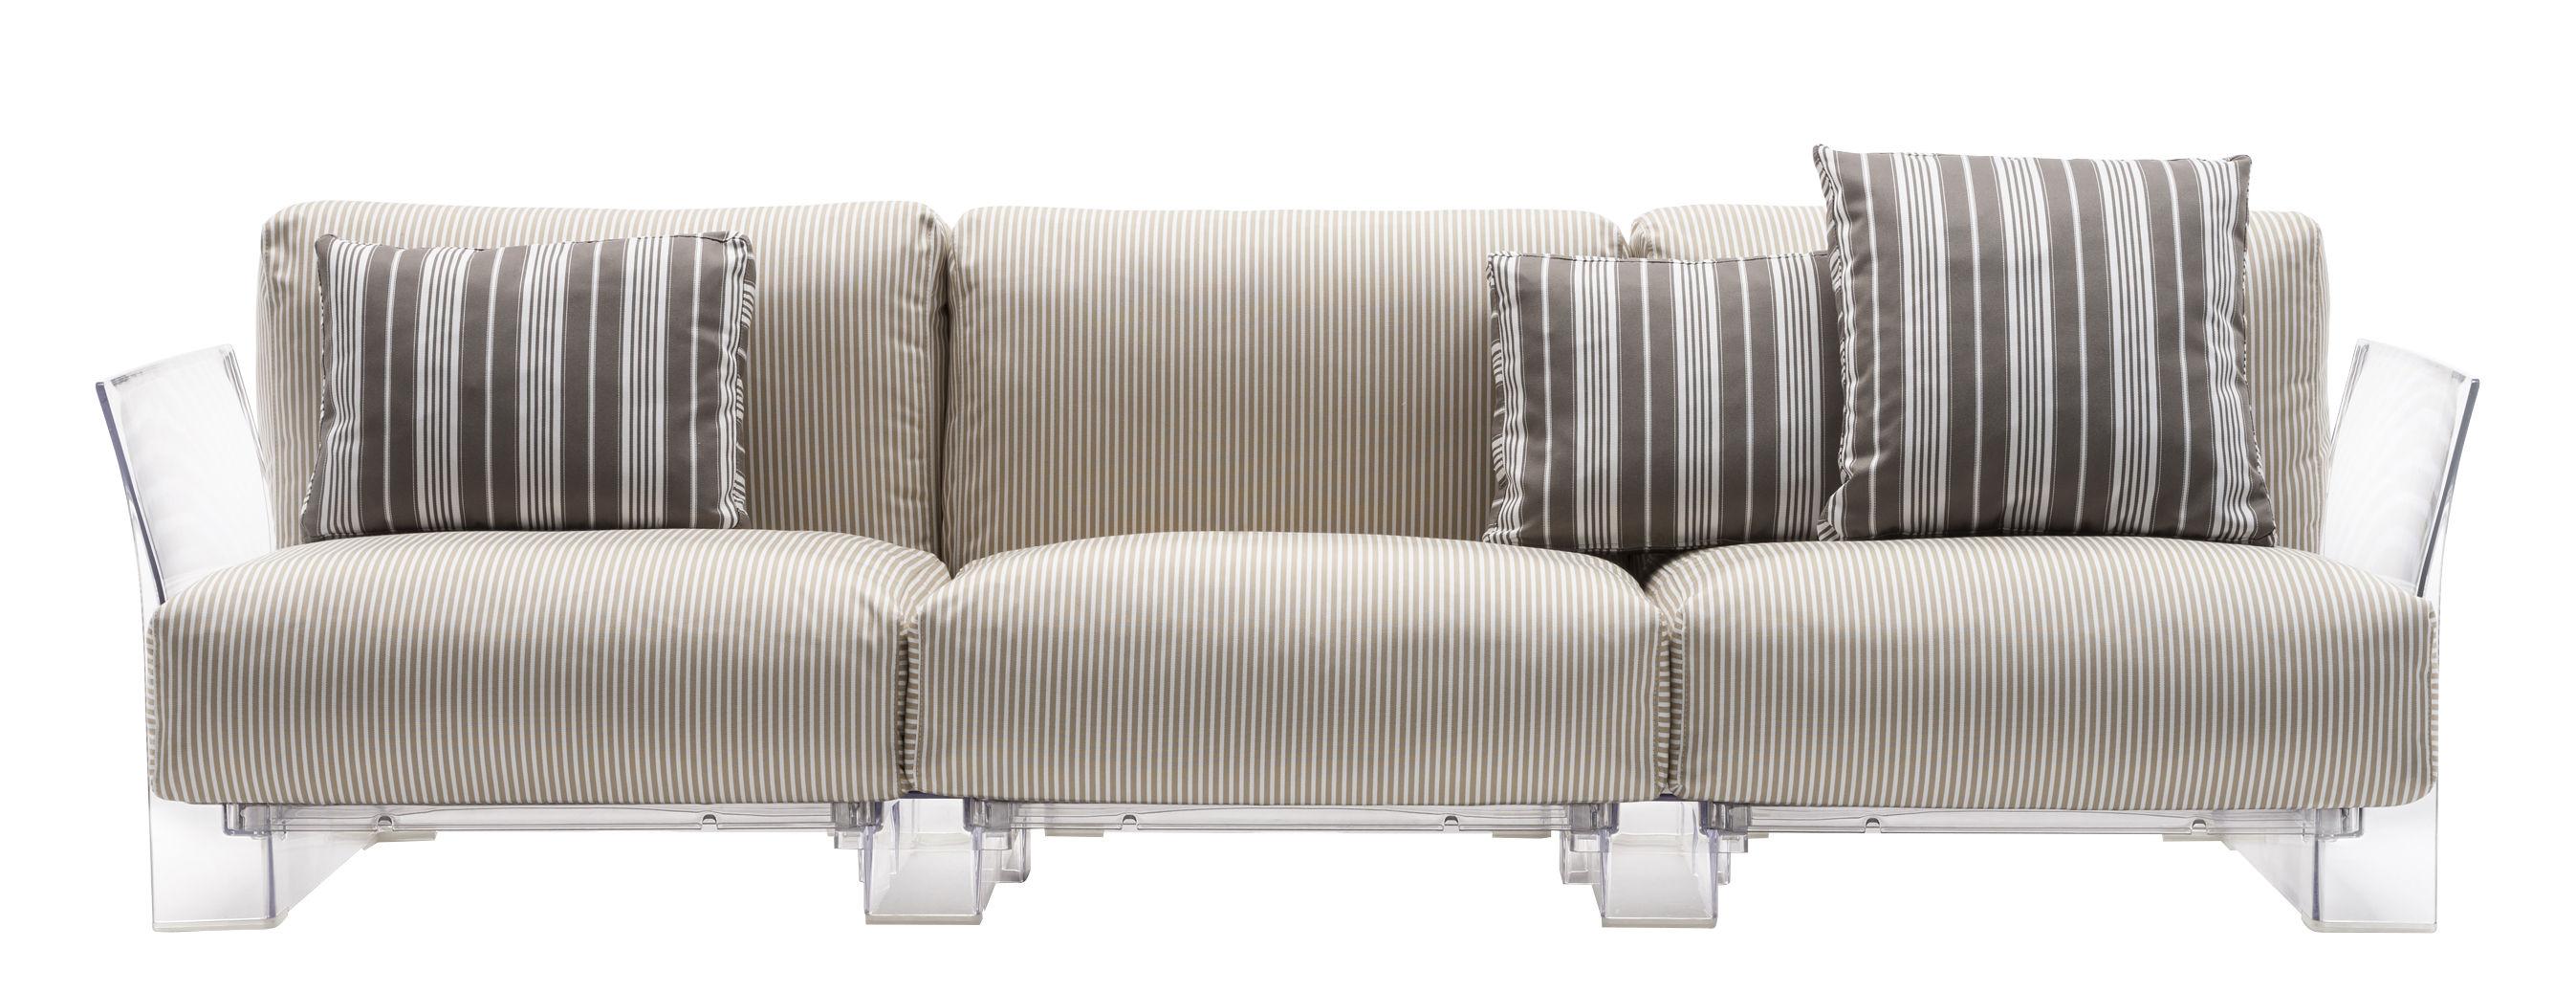 Mobilier - Canapés - Canapé droit Pop outdoor / 3 places - L 255 cm - Kartell - Rayures beiges / Transparent - Polycarbonate, Polyuréthane expansé, Tissu déperlant